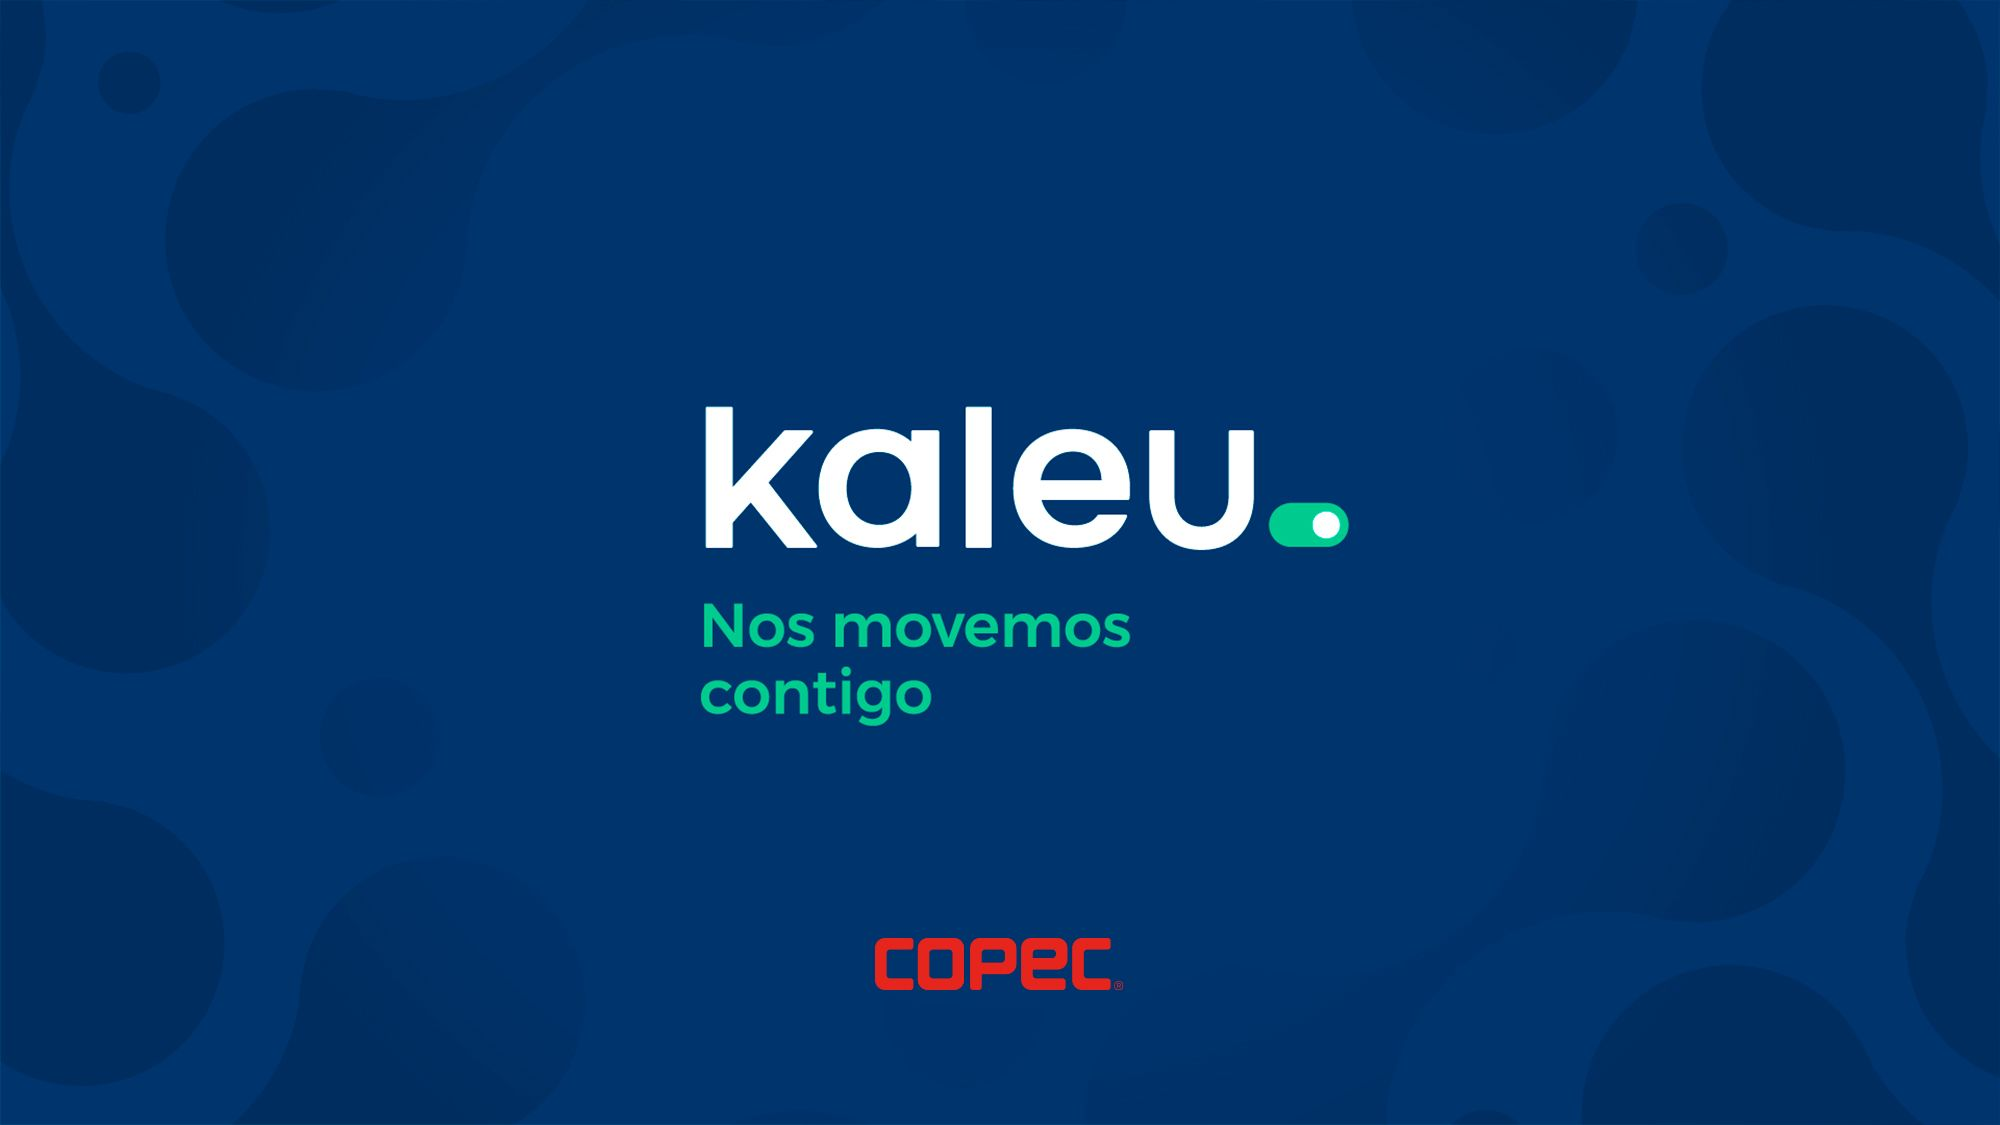 Kaleu, nos movemos contigo